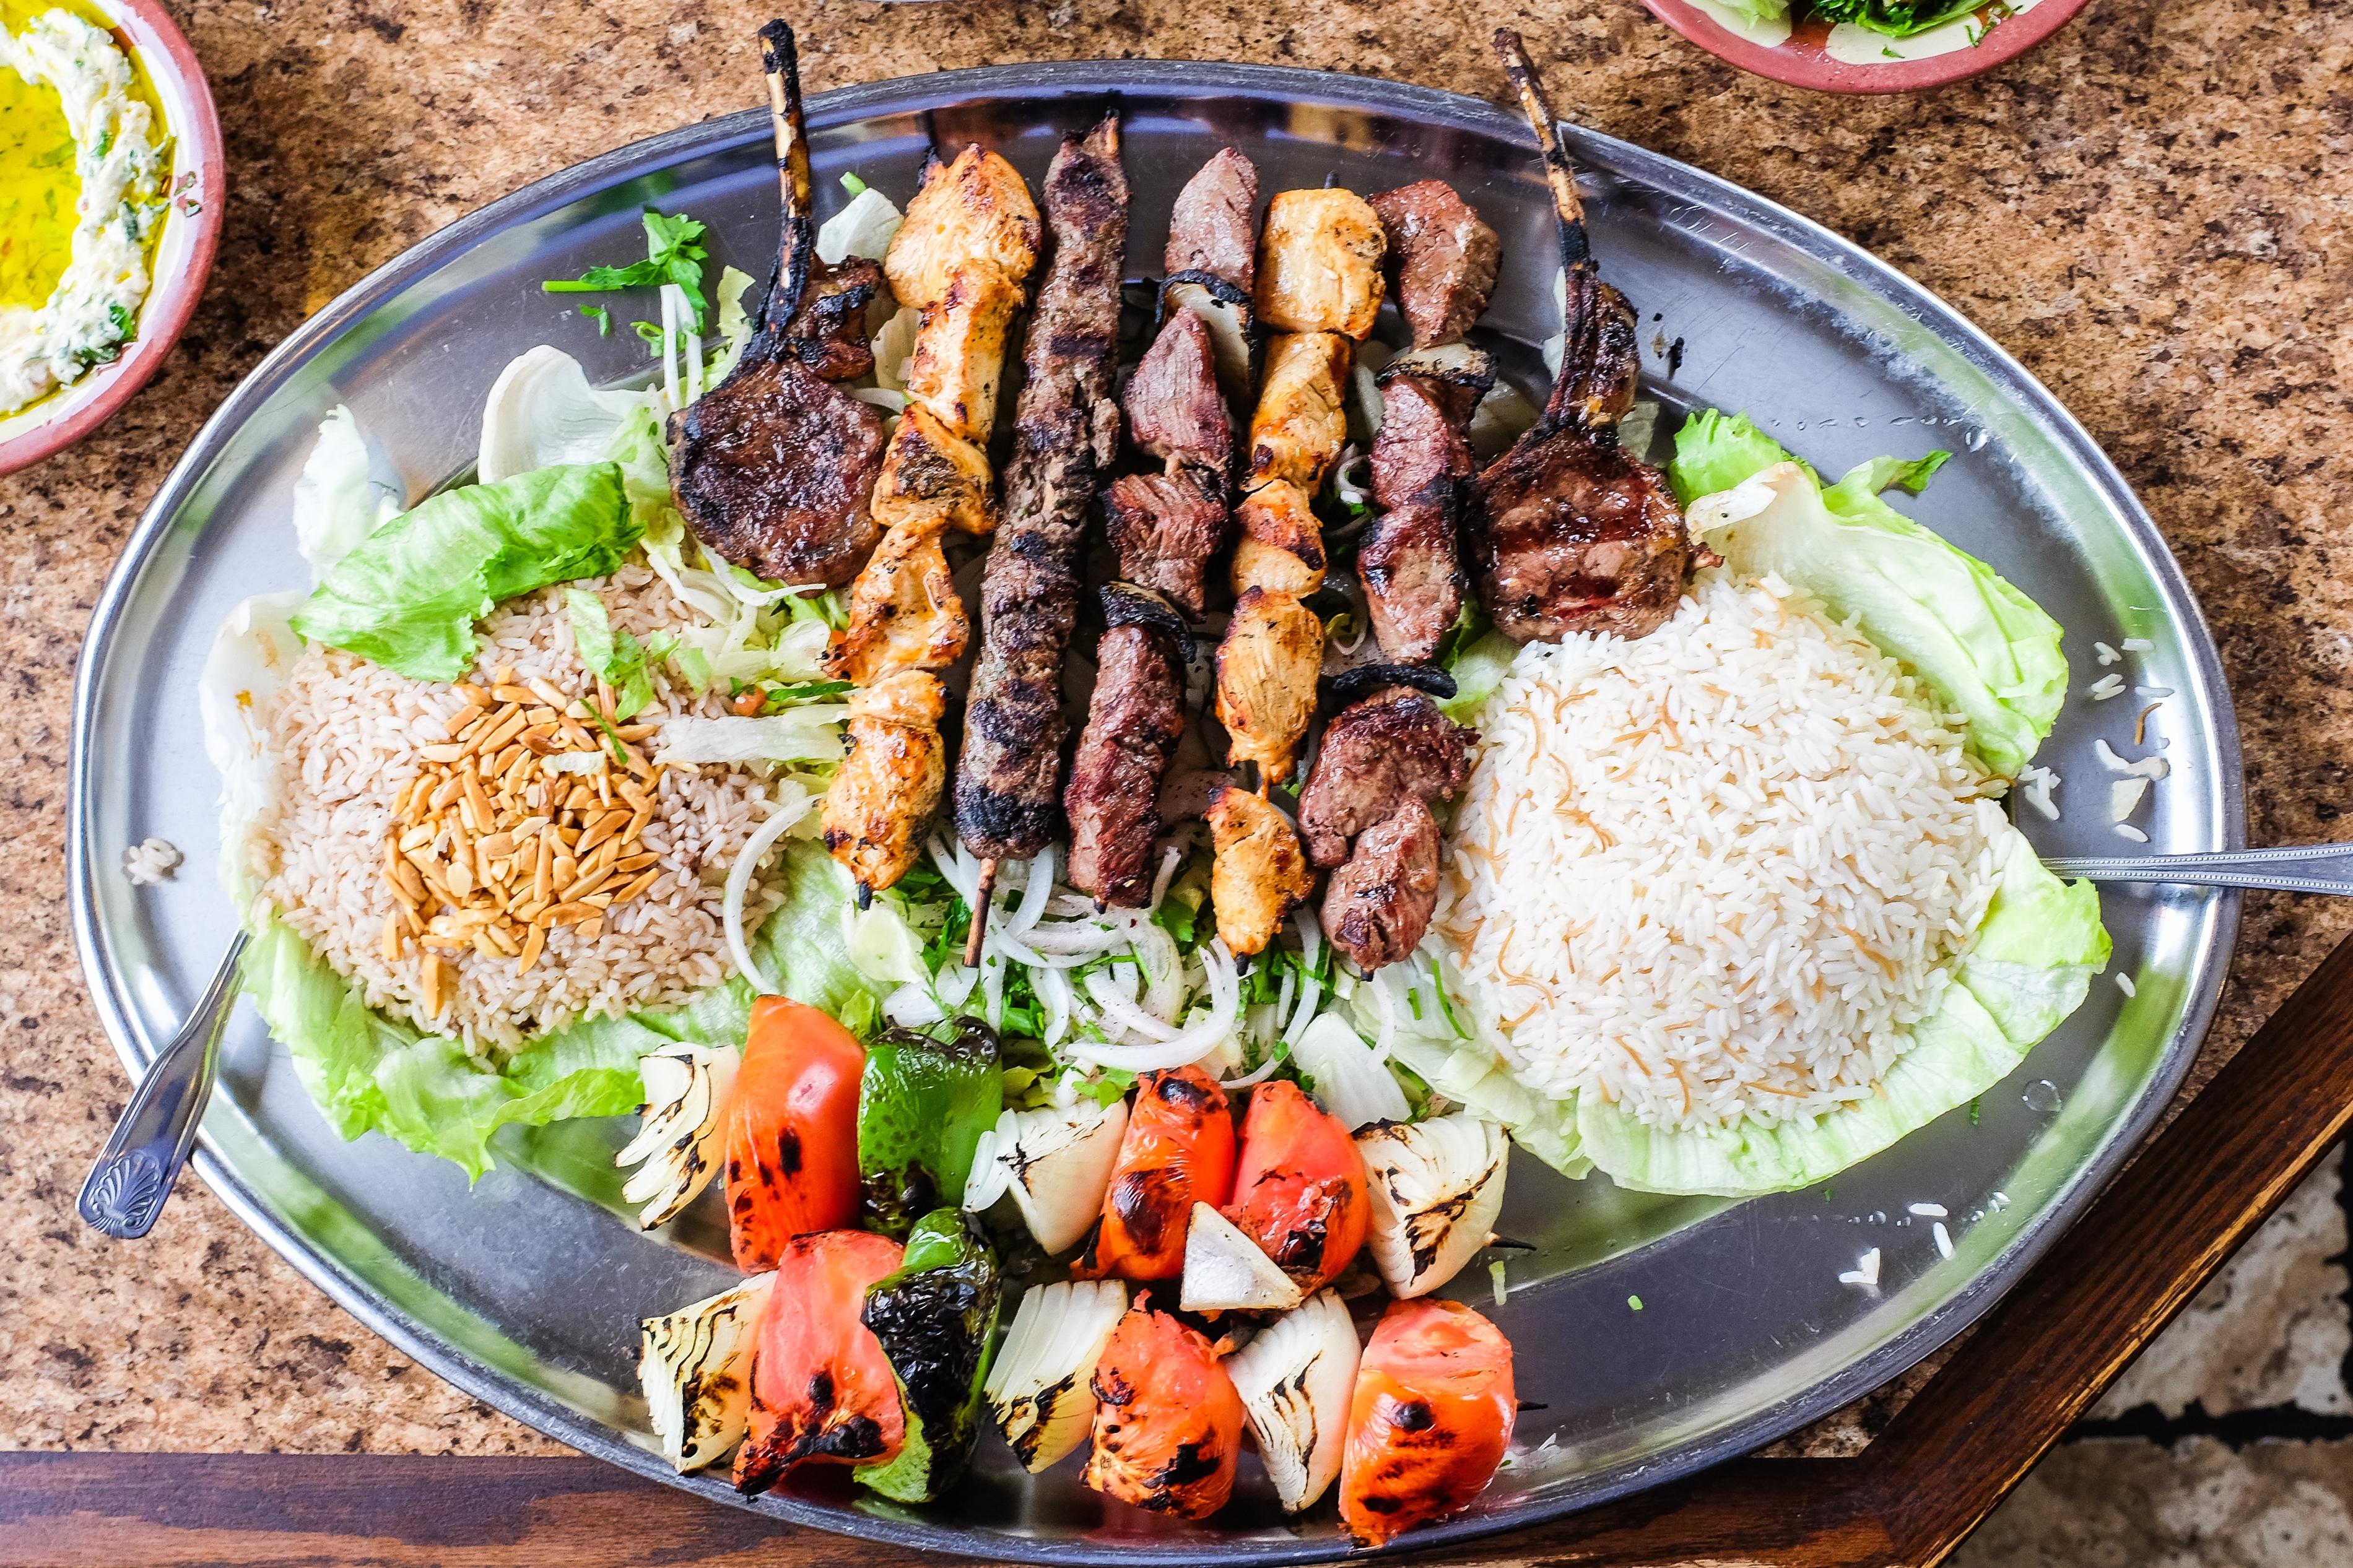 Kebabs at Al Ameer in Dearborn, MI